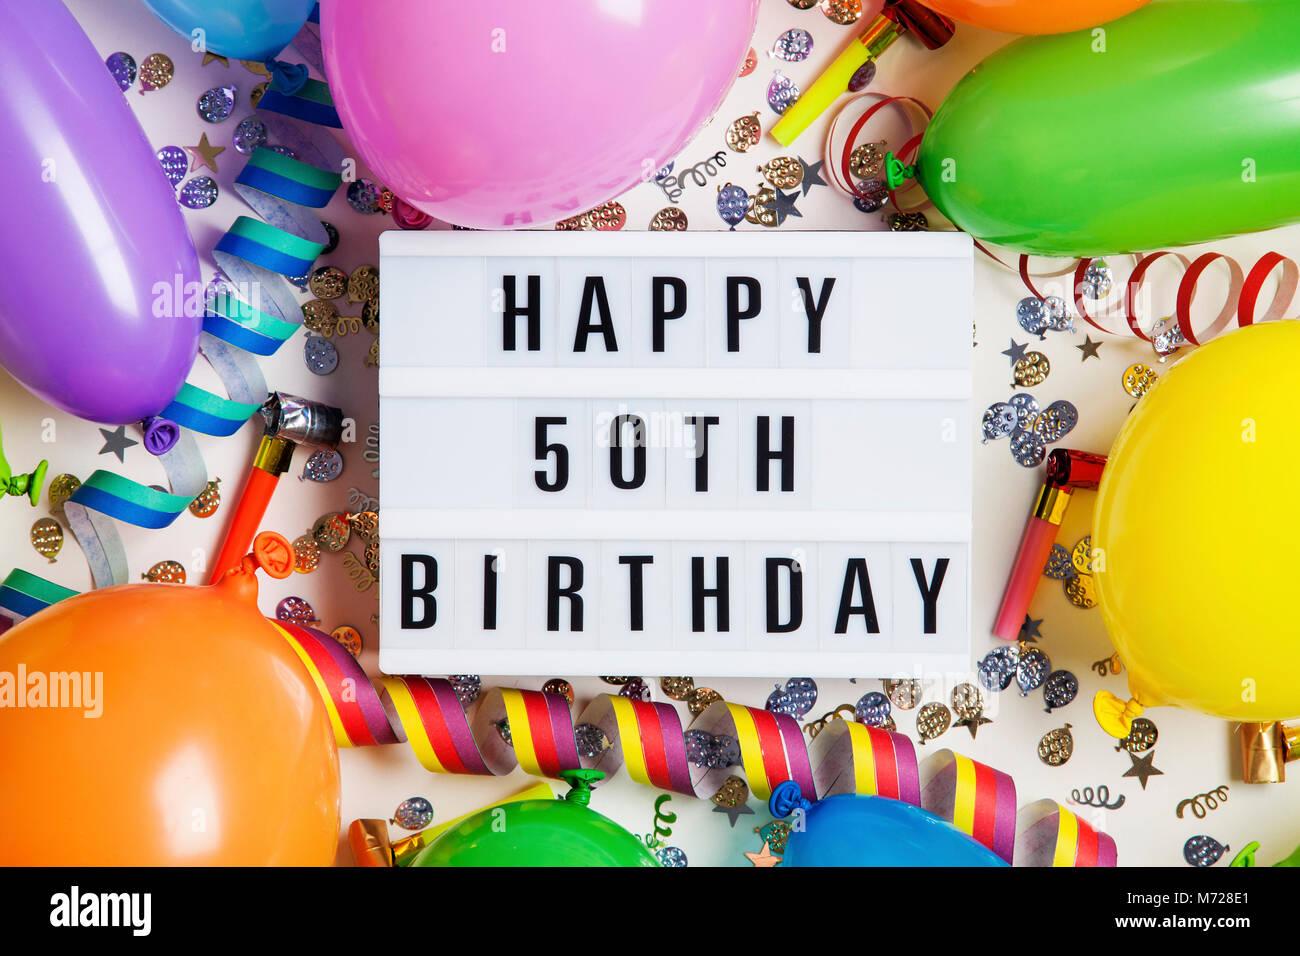 Happy 50th Birthday Celebration Nachricht Auf Ein Leuchtpult Mit Ballons Und Konfetti